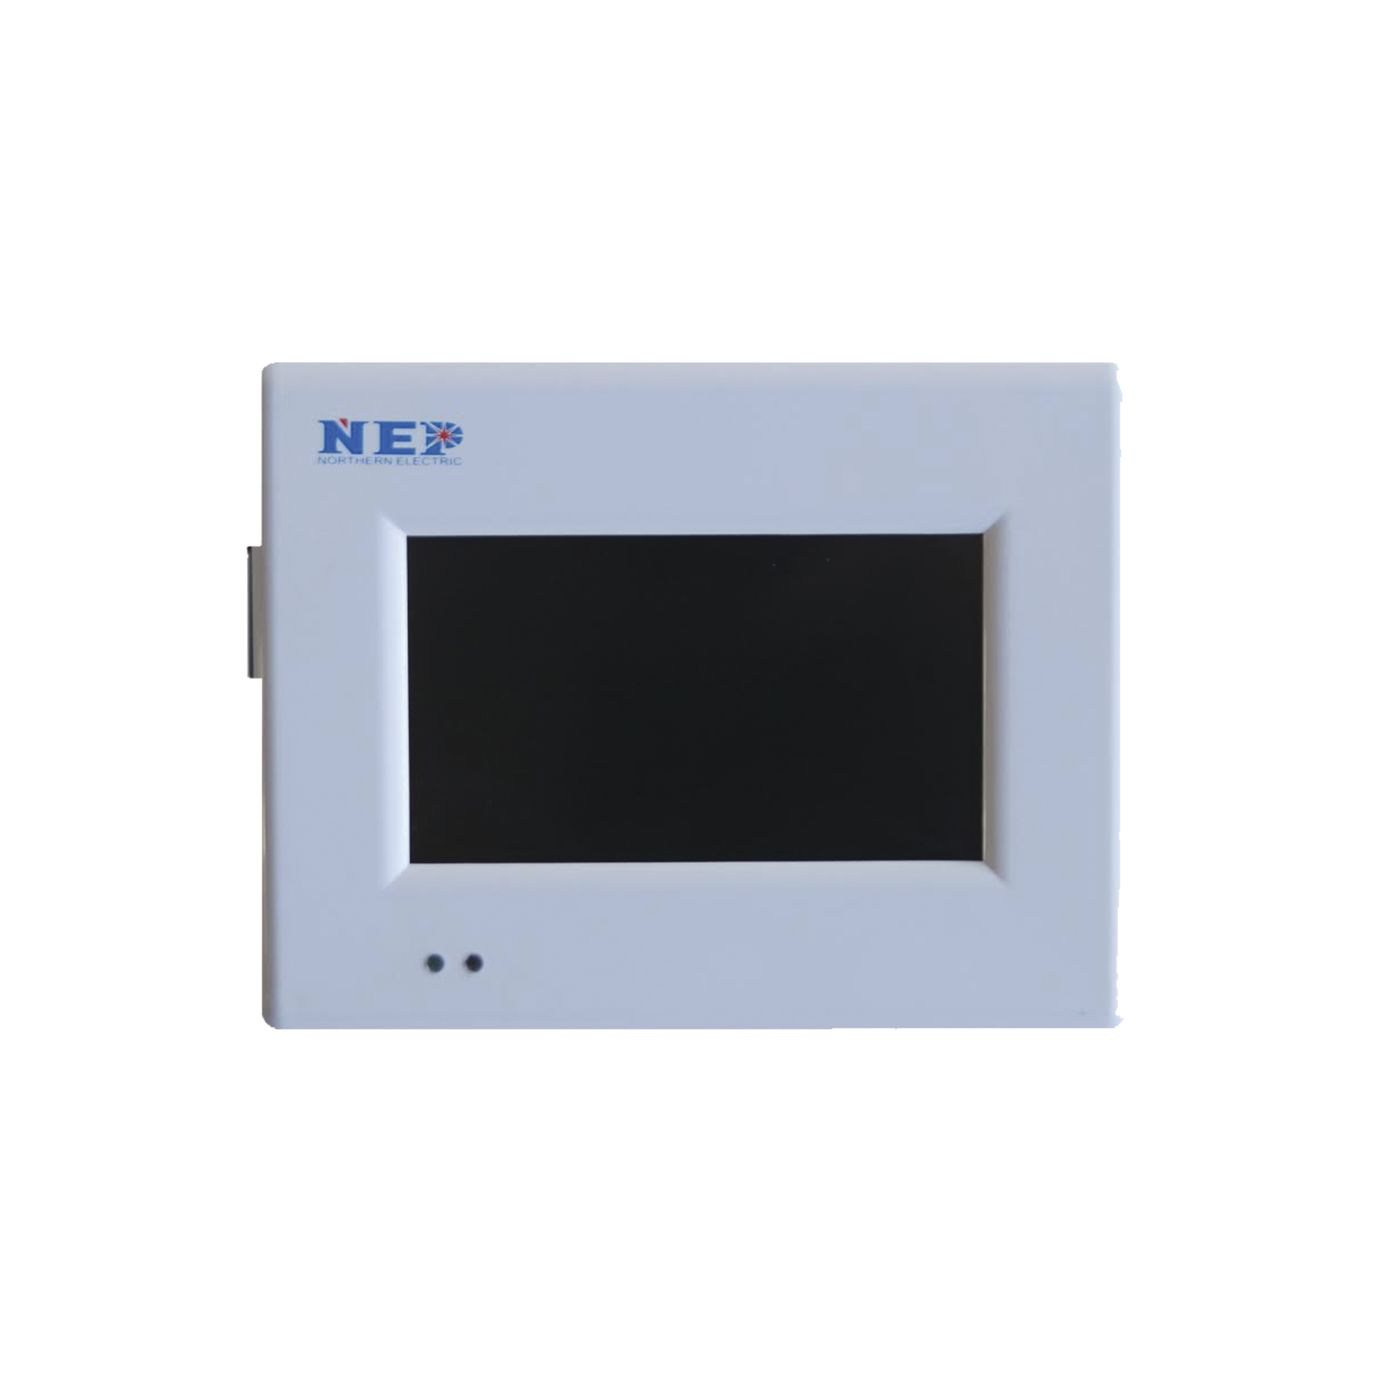 https://www i-hikvision com/compra/acr160-samlex-accesorios